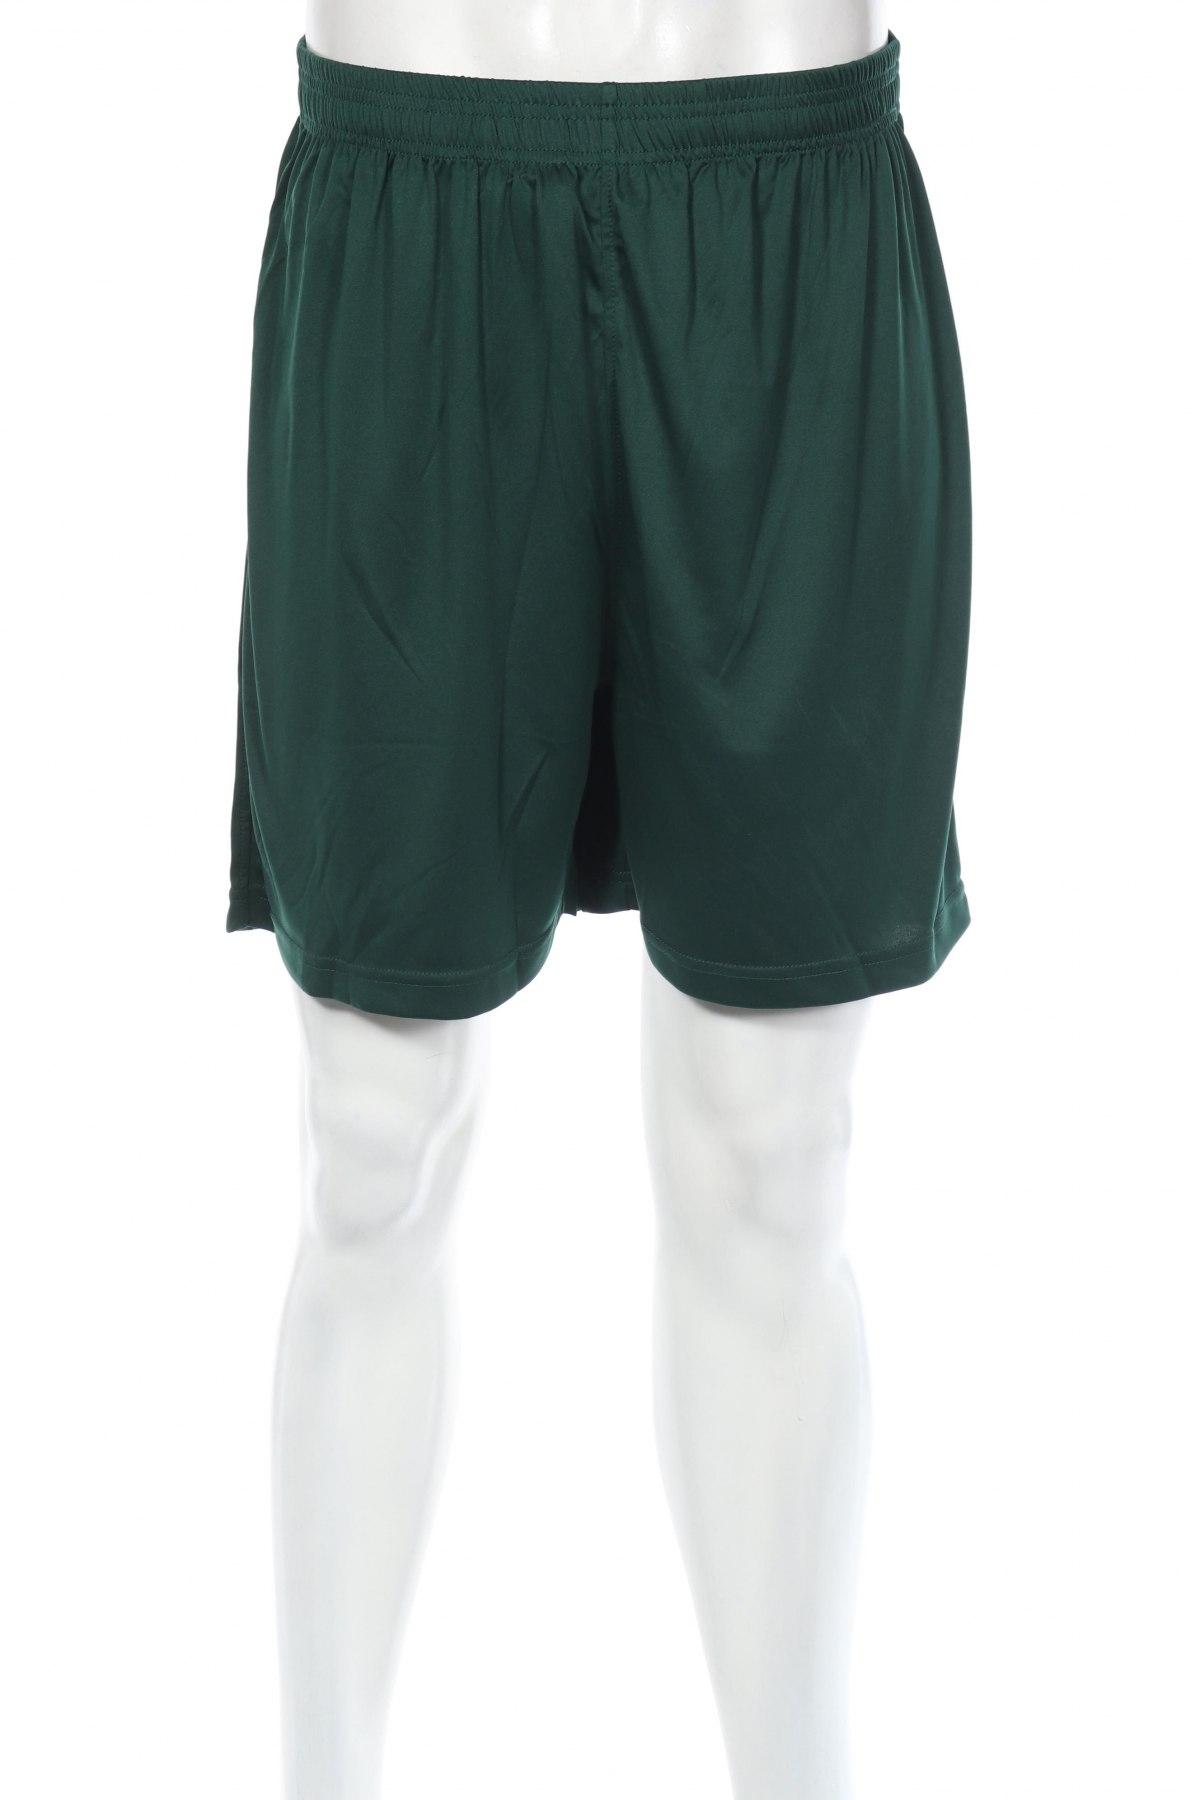 Мъжки къс панталон Mitre, Размер XL, Цвят Зелен, Полиестер, Цена 25,50лв.